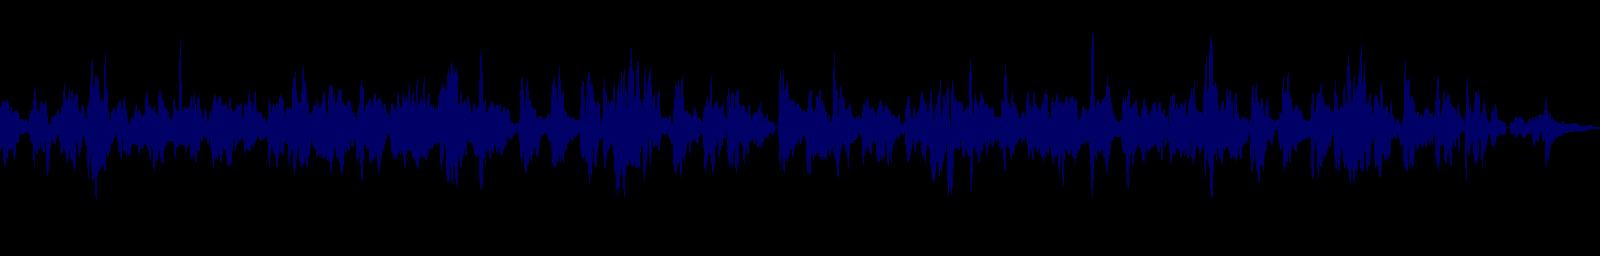 waveform of track #134022